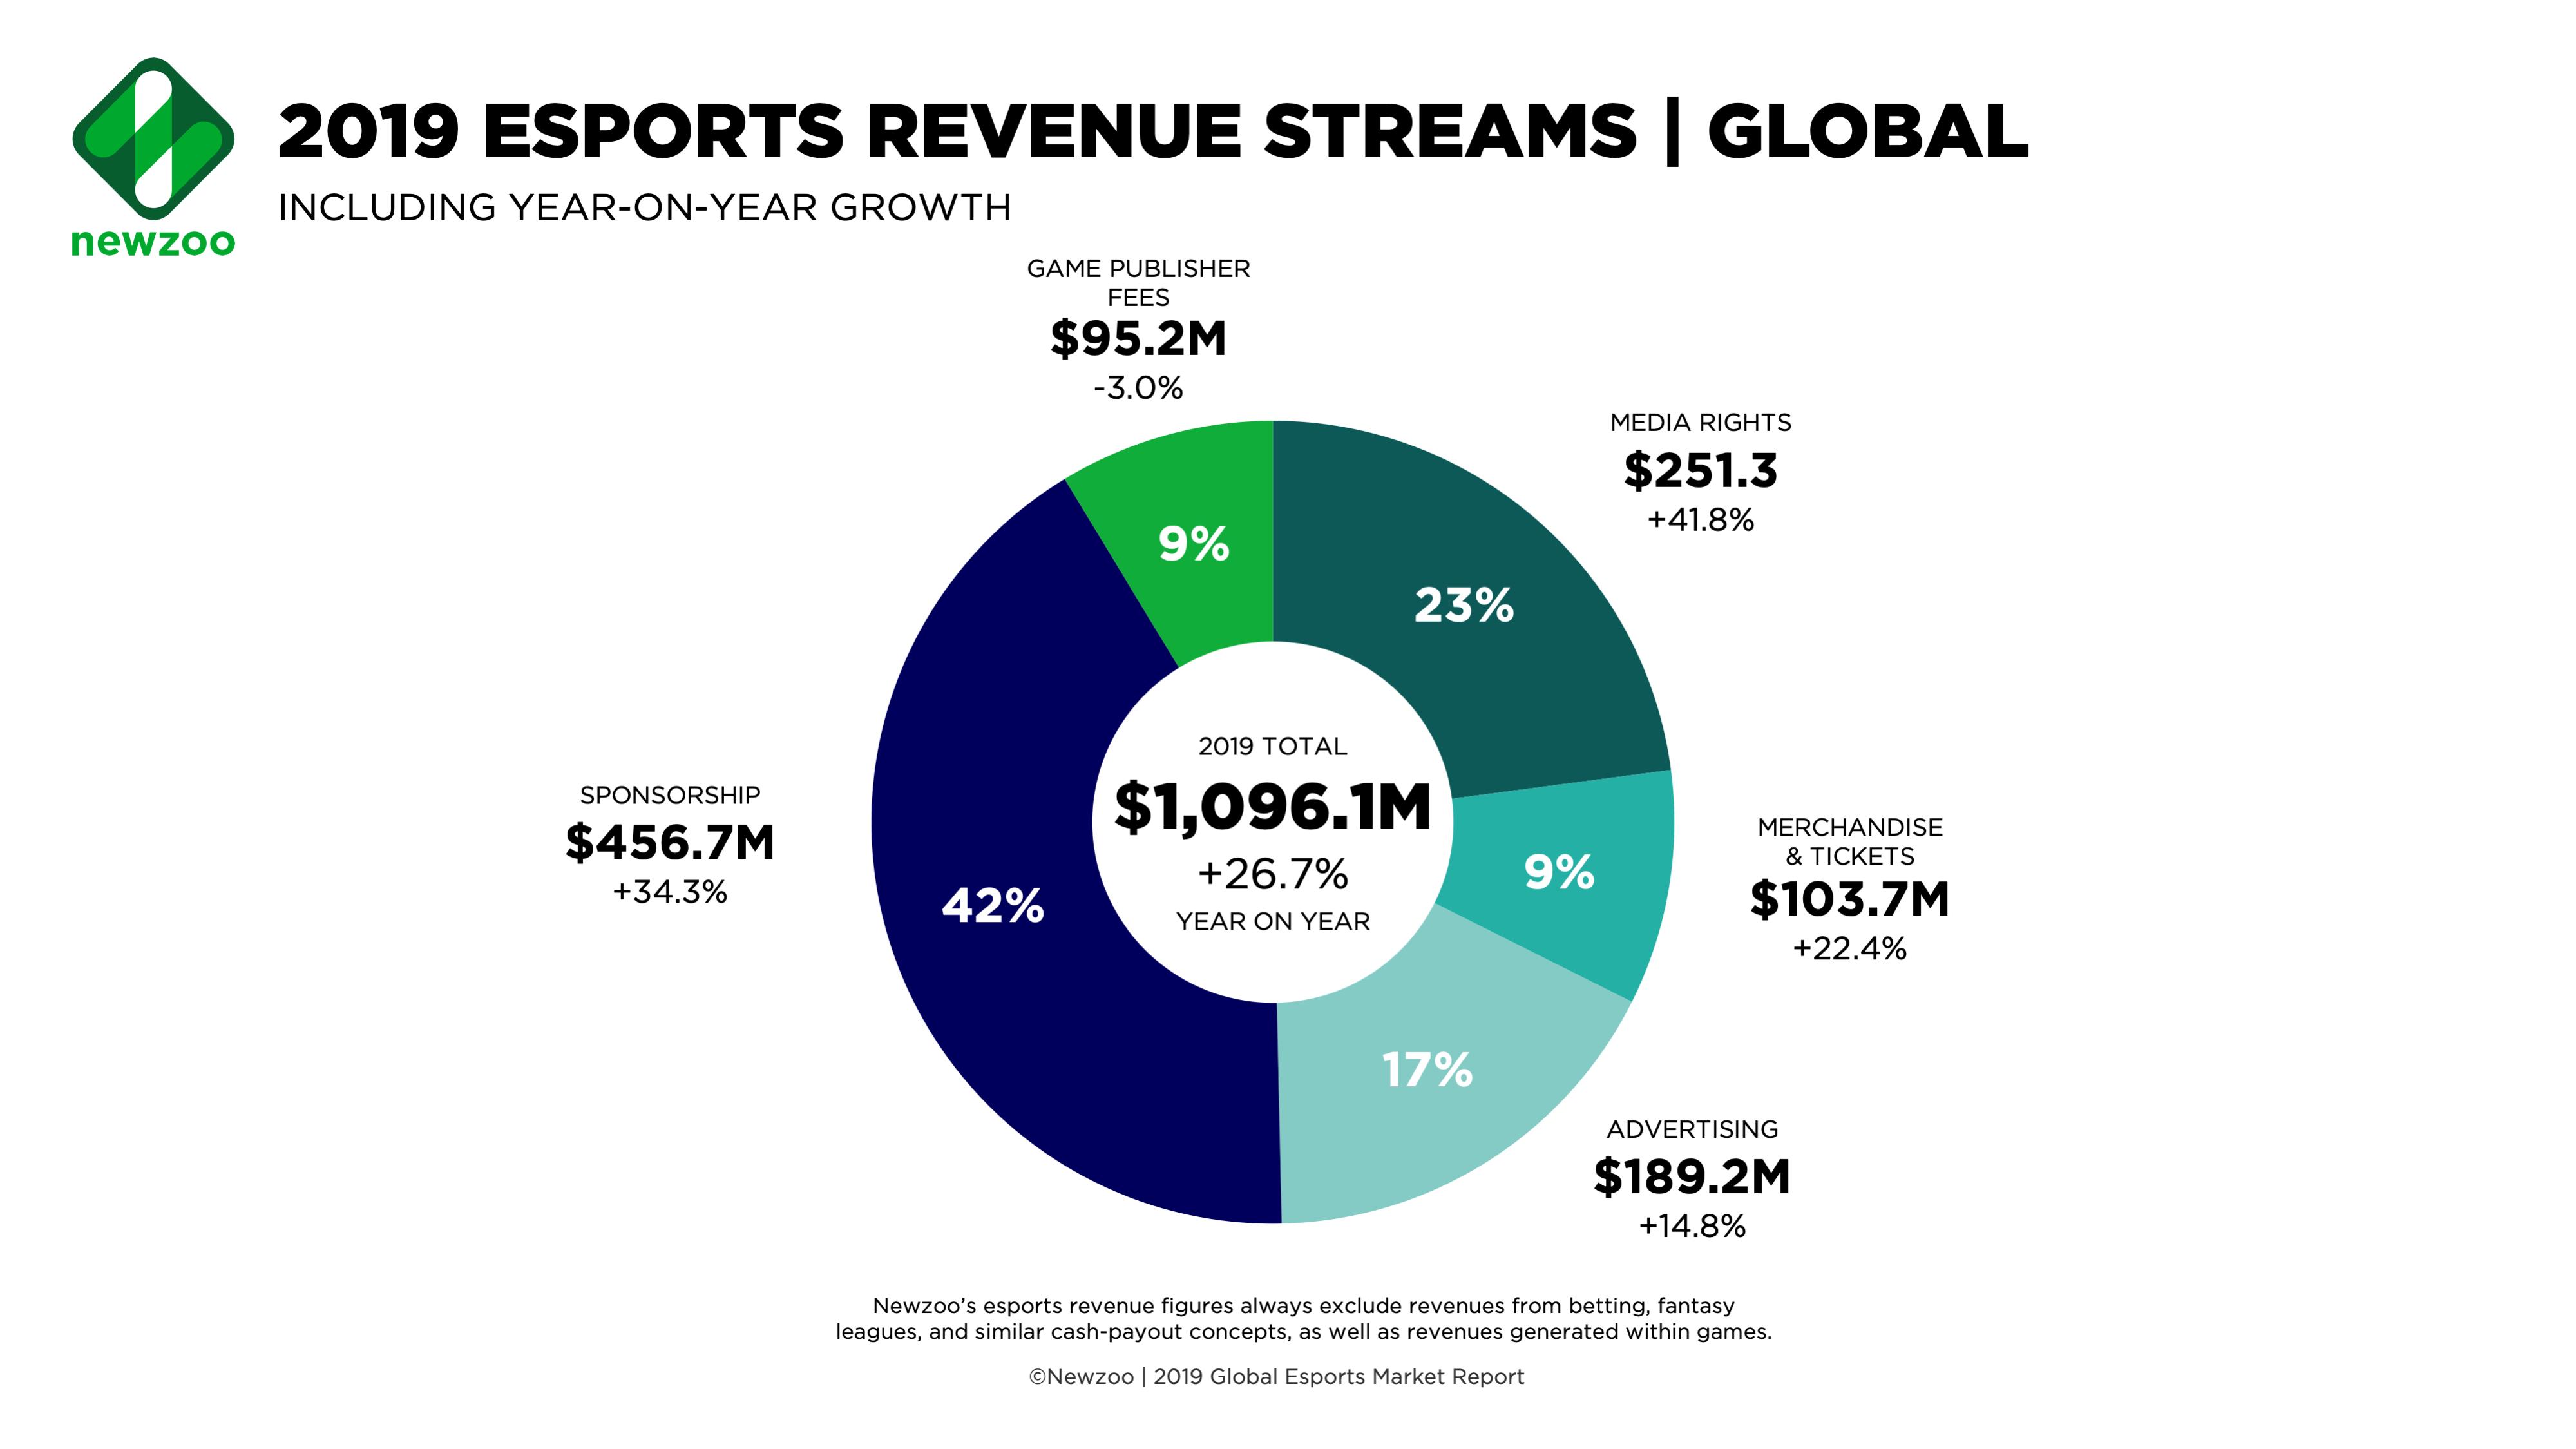 sponsors de esports a nivel mundial